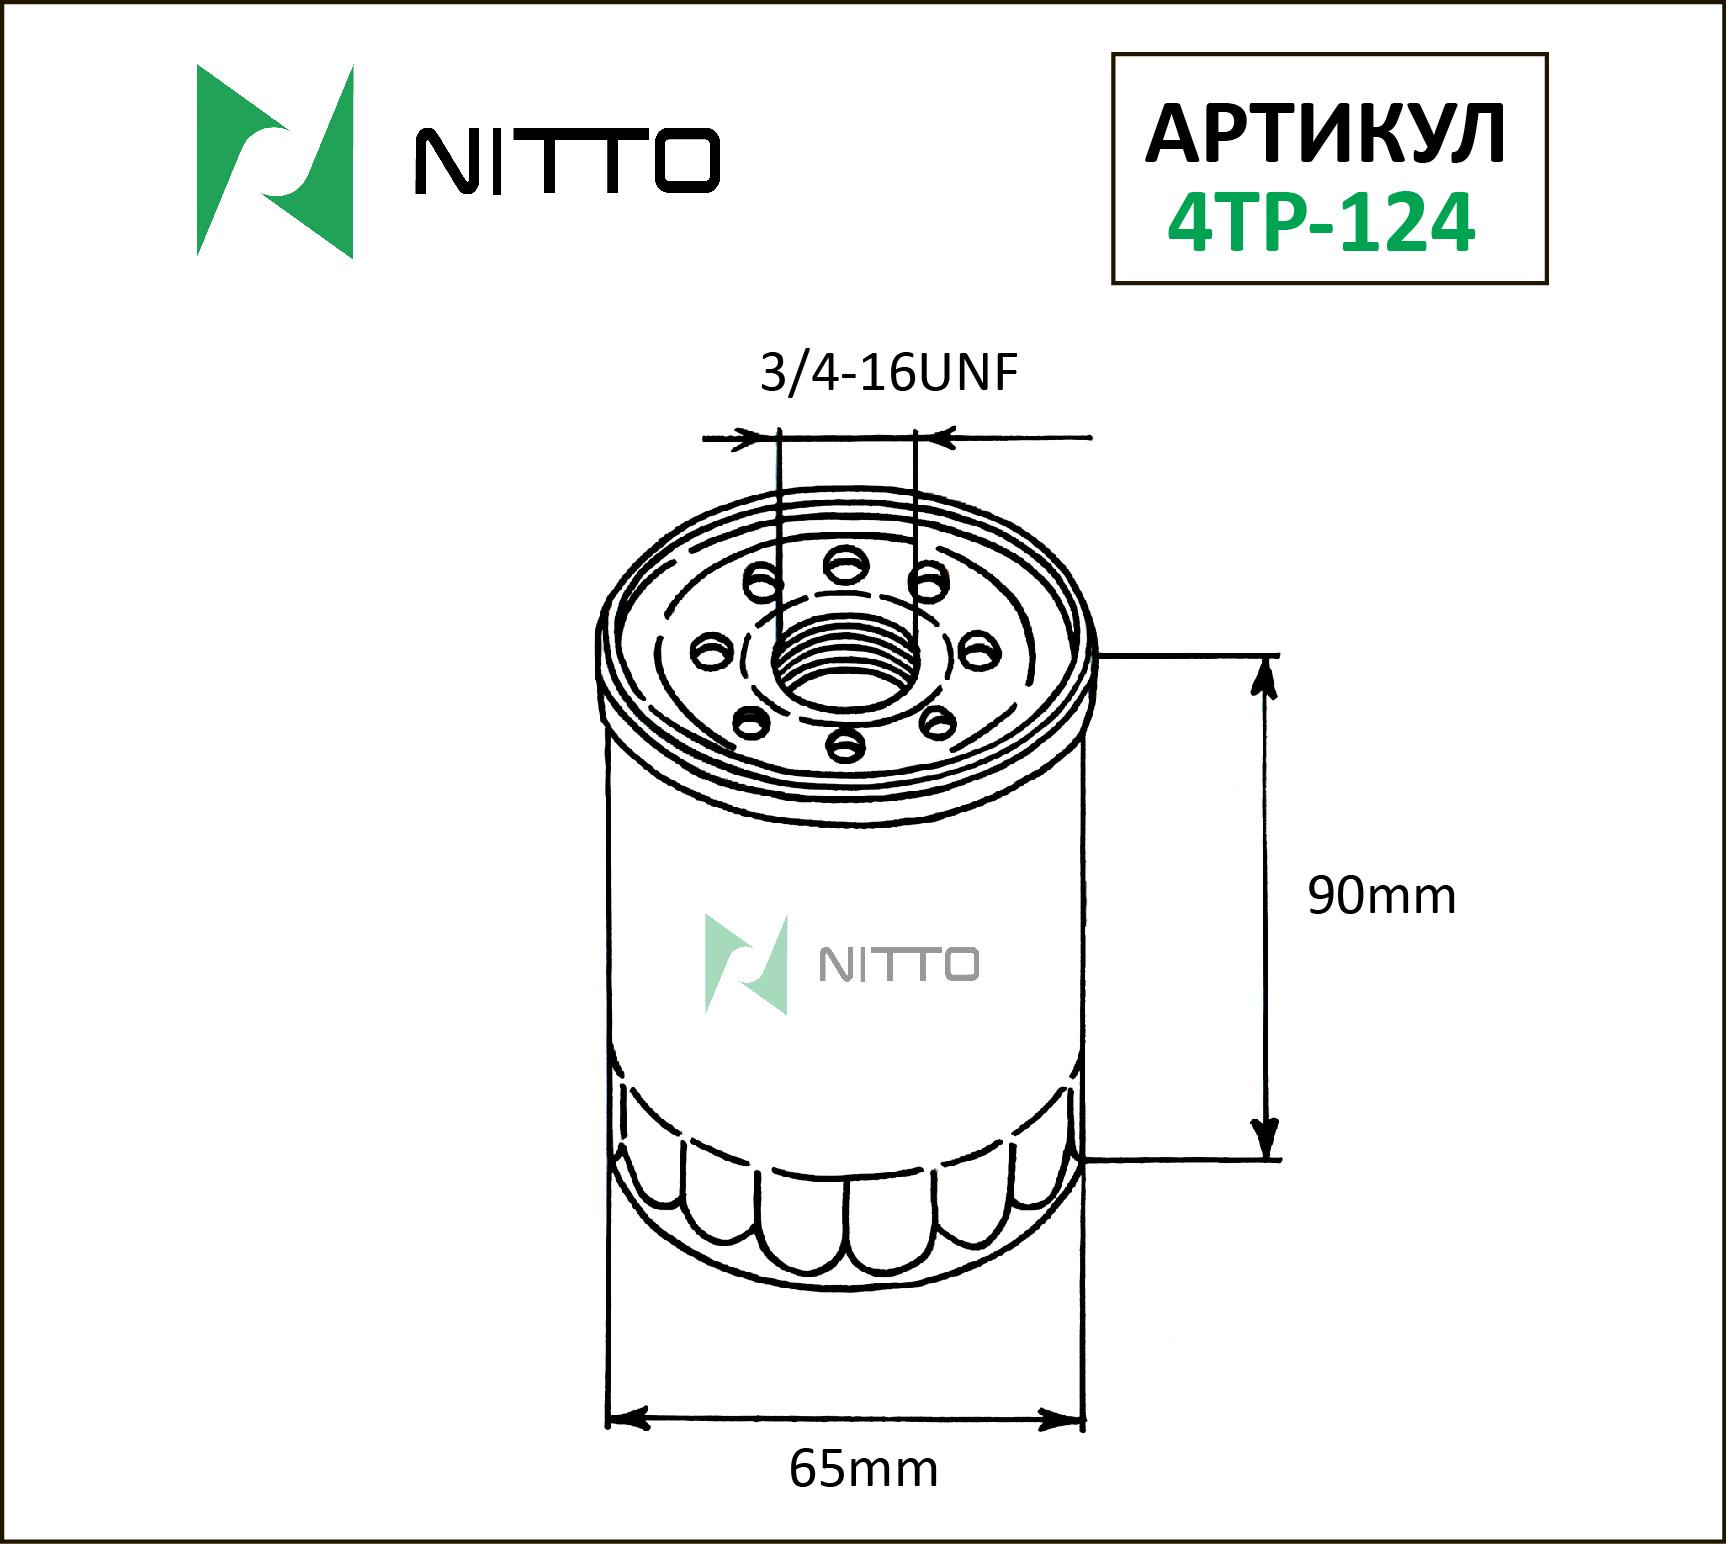 NITTO 4TP124 | Фильтр масляный Nitto | Купить в интернет-магазине Макс-Плюс: Автозапчасти в наличии и под заказ